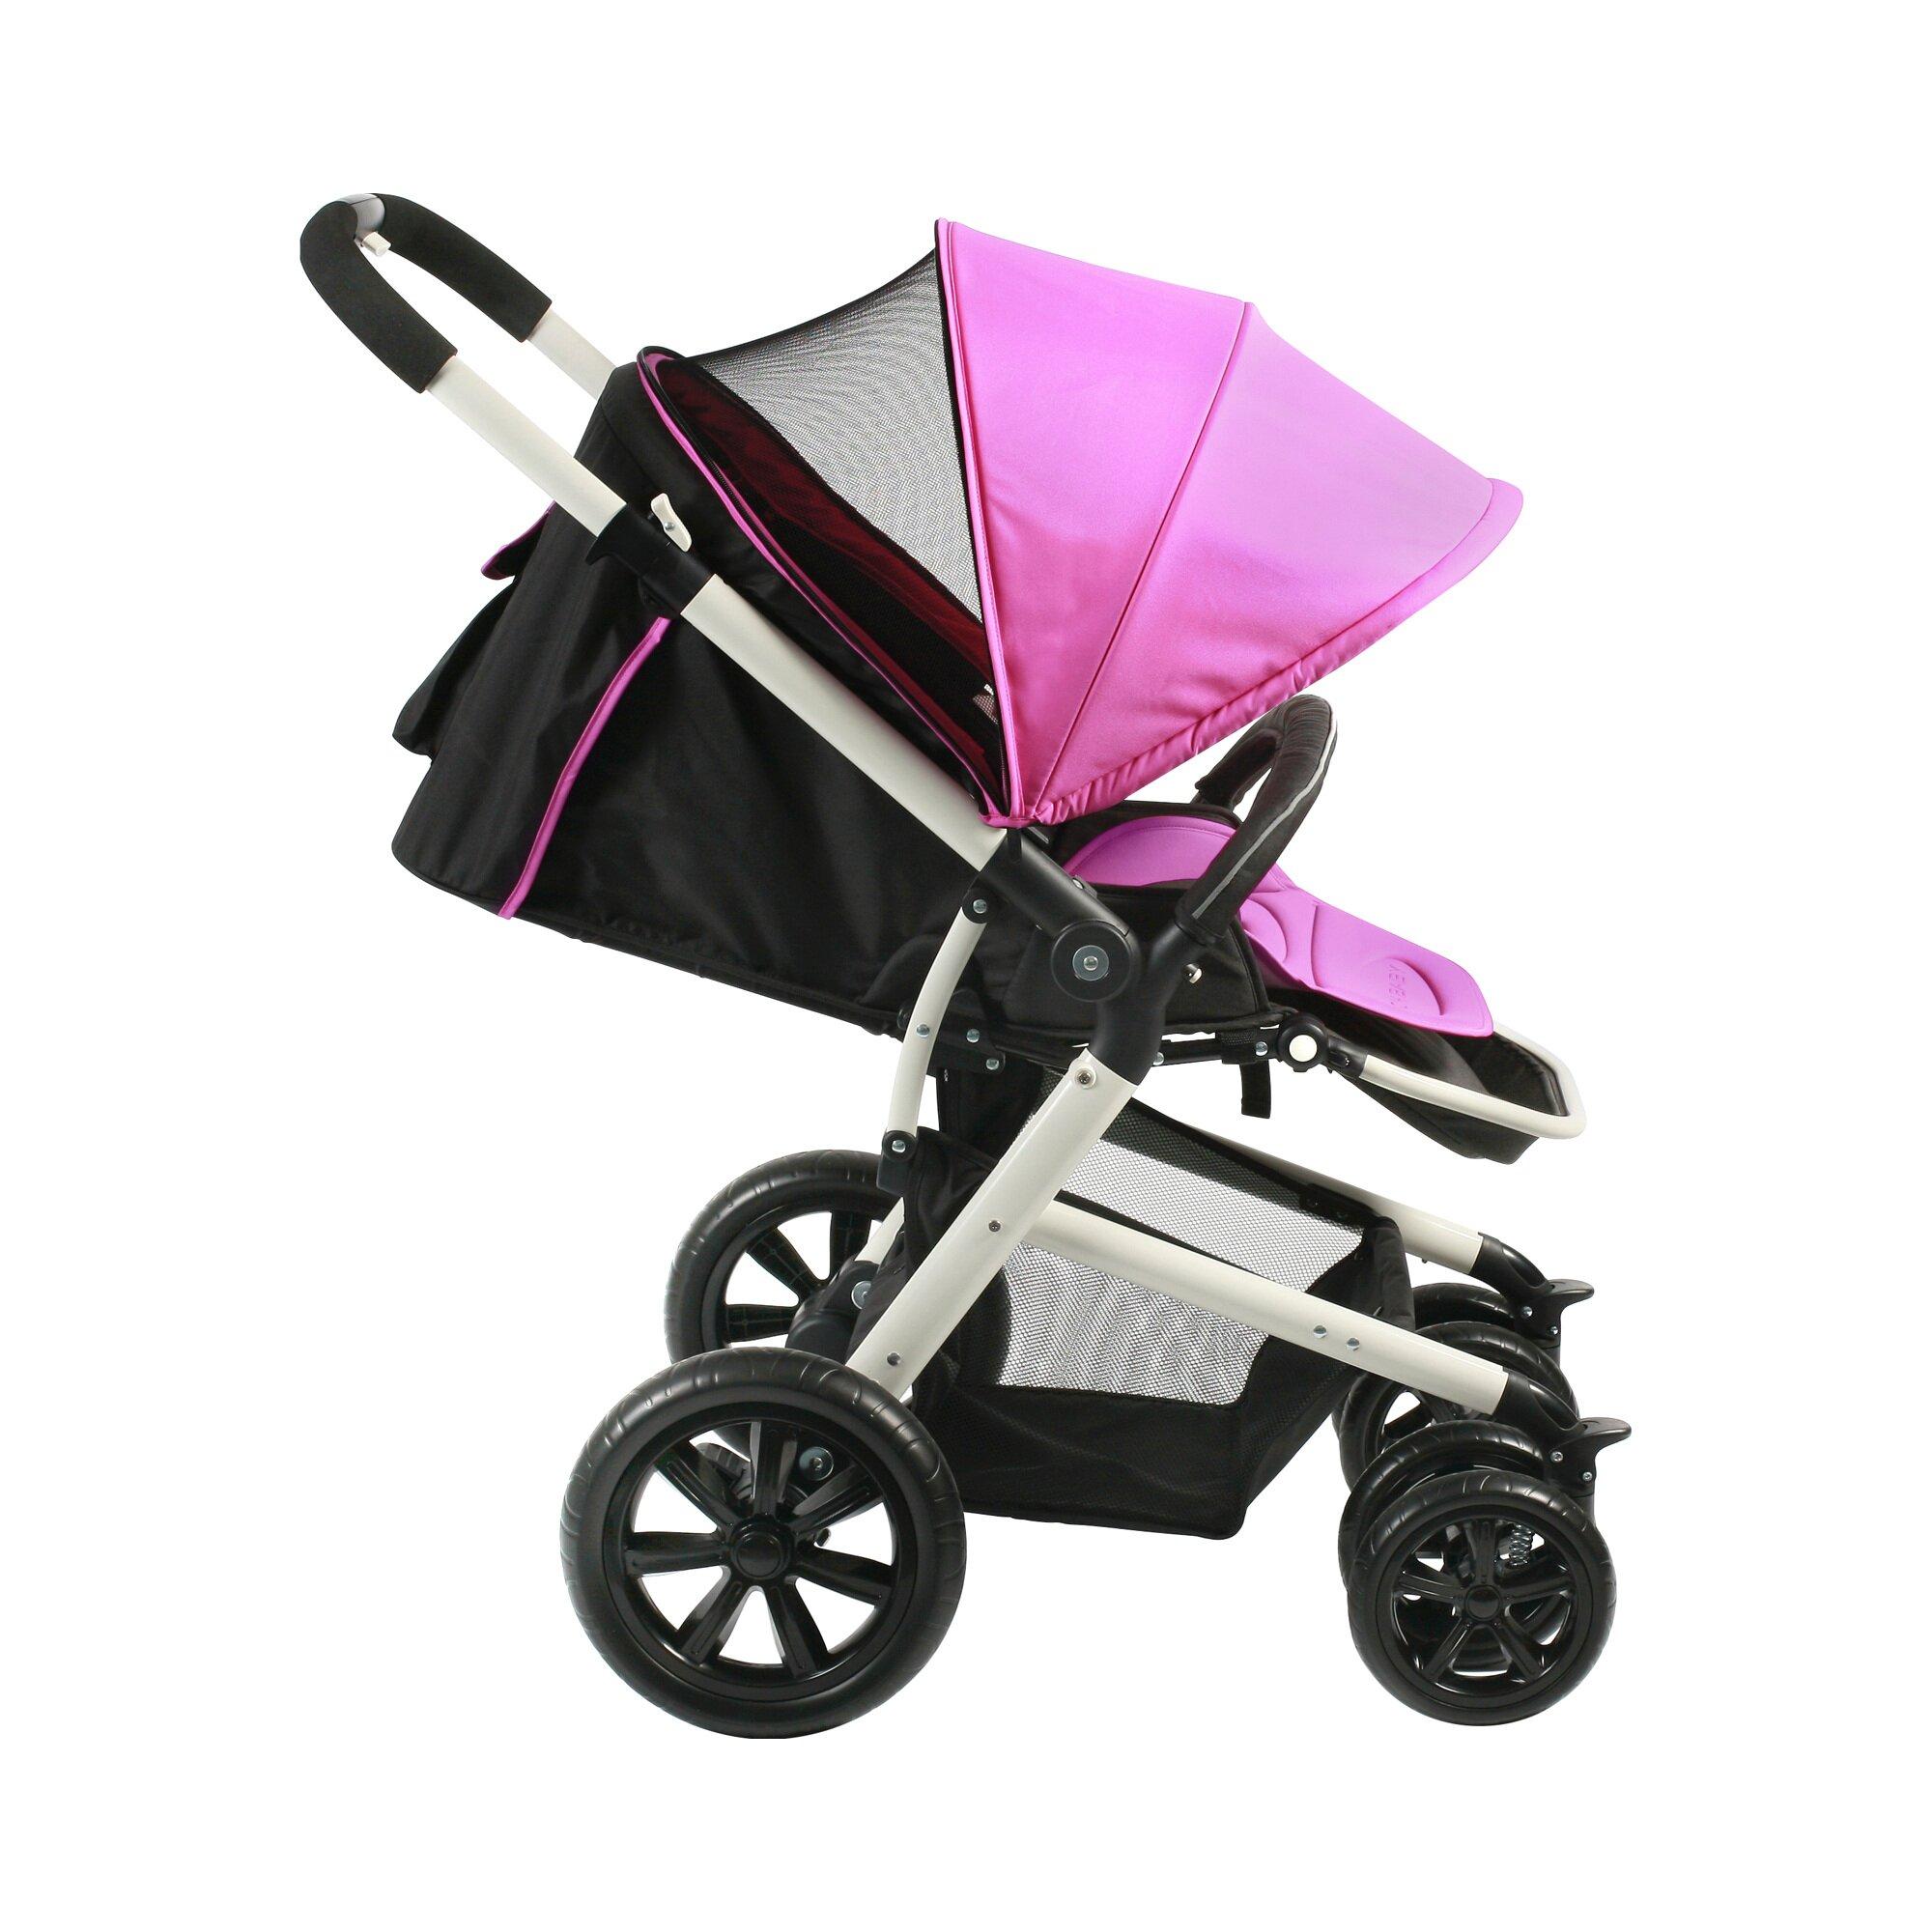 chic-4-baby-pronto-kinderwagen-sportwagen-rot